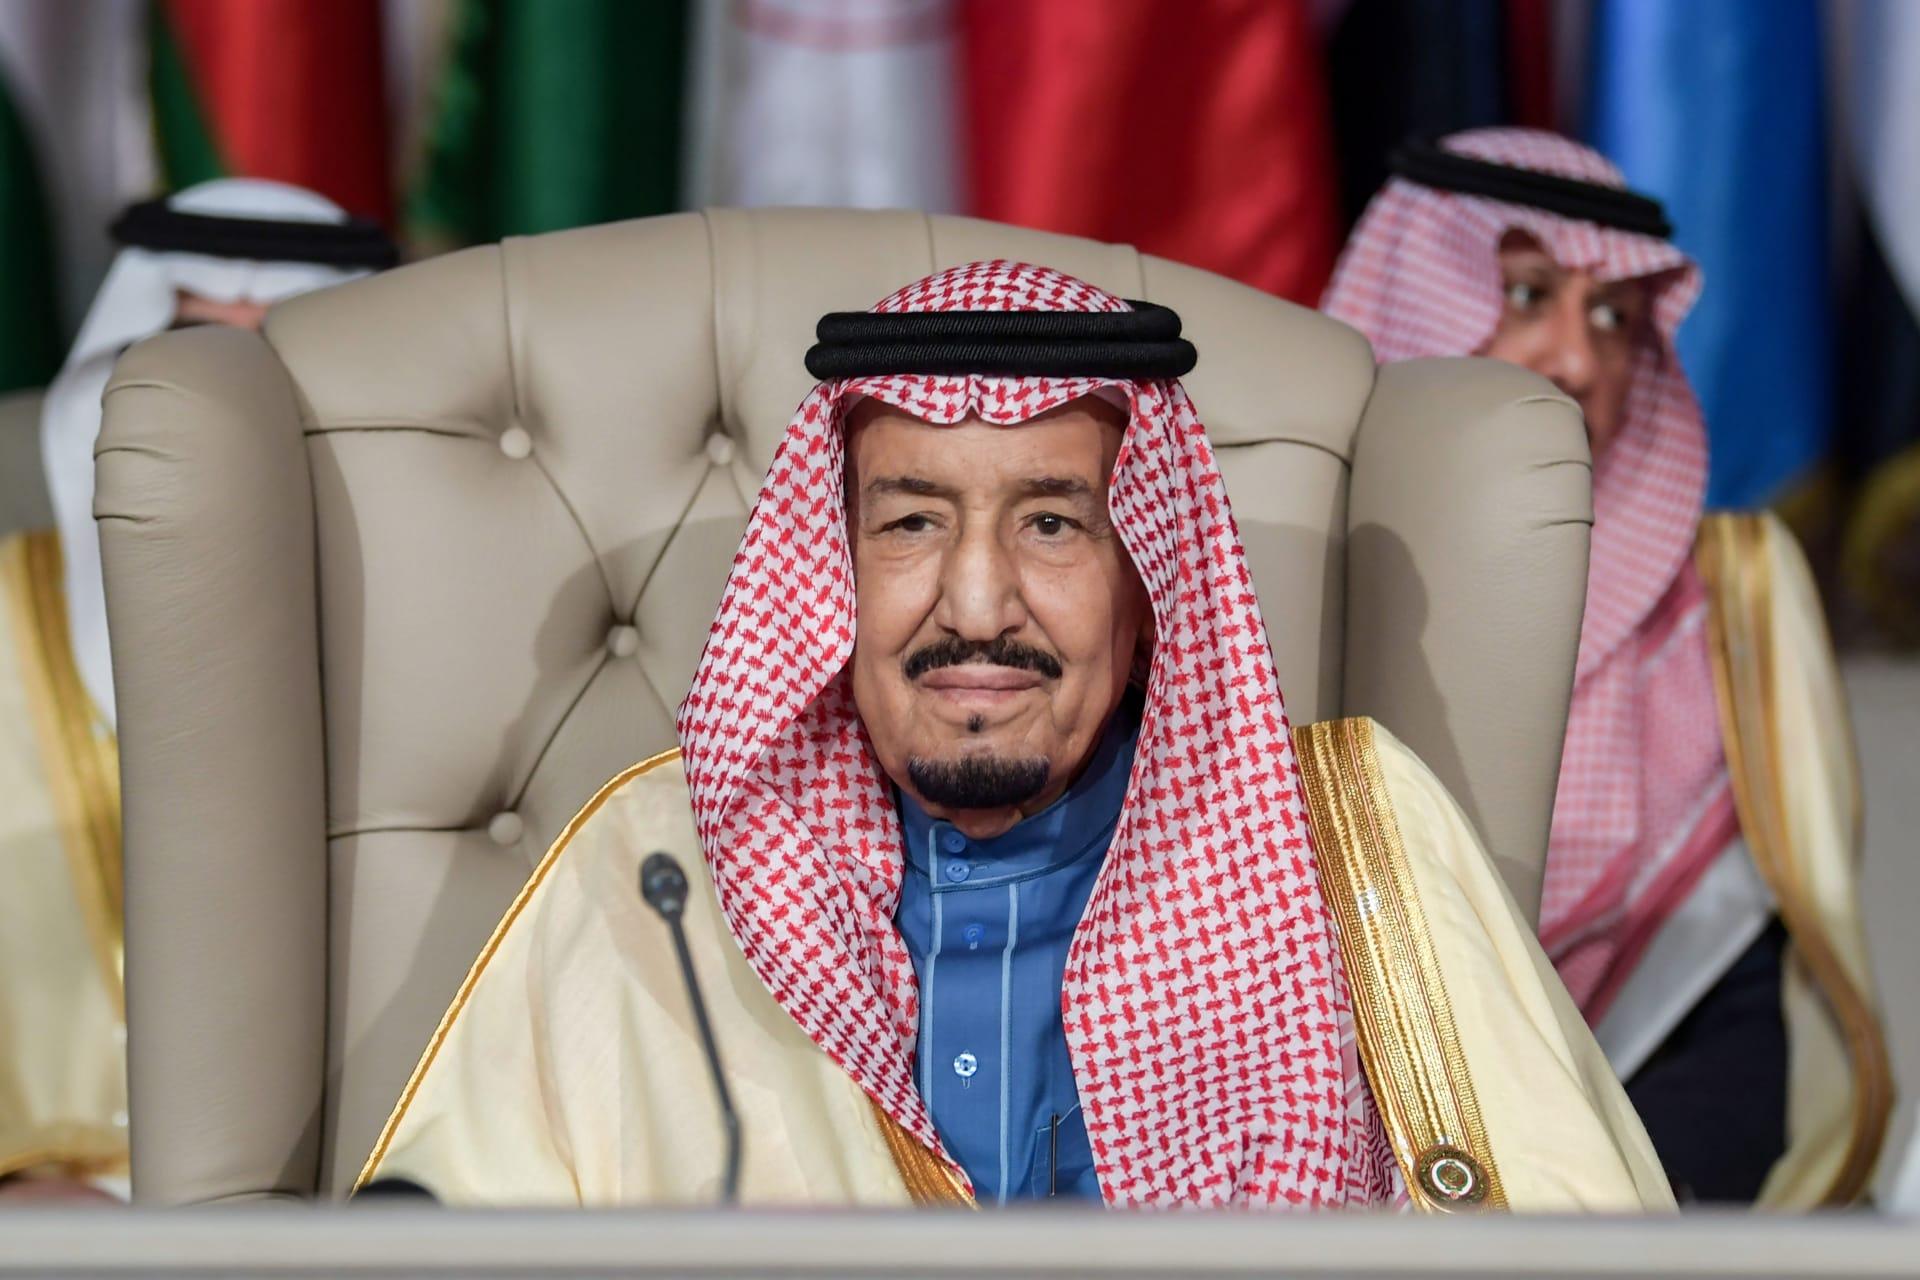 بتوجيه من العاهل السعودي.. الإفراج عن سجناء مصريين في المنطقة الشرقية